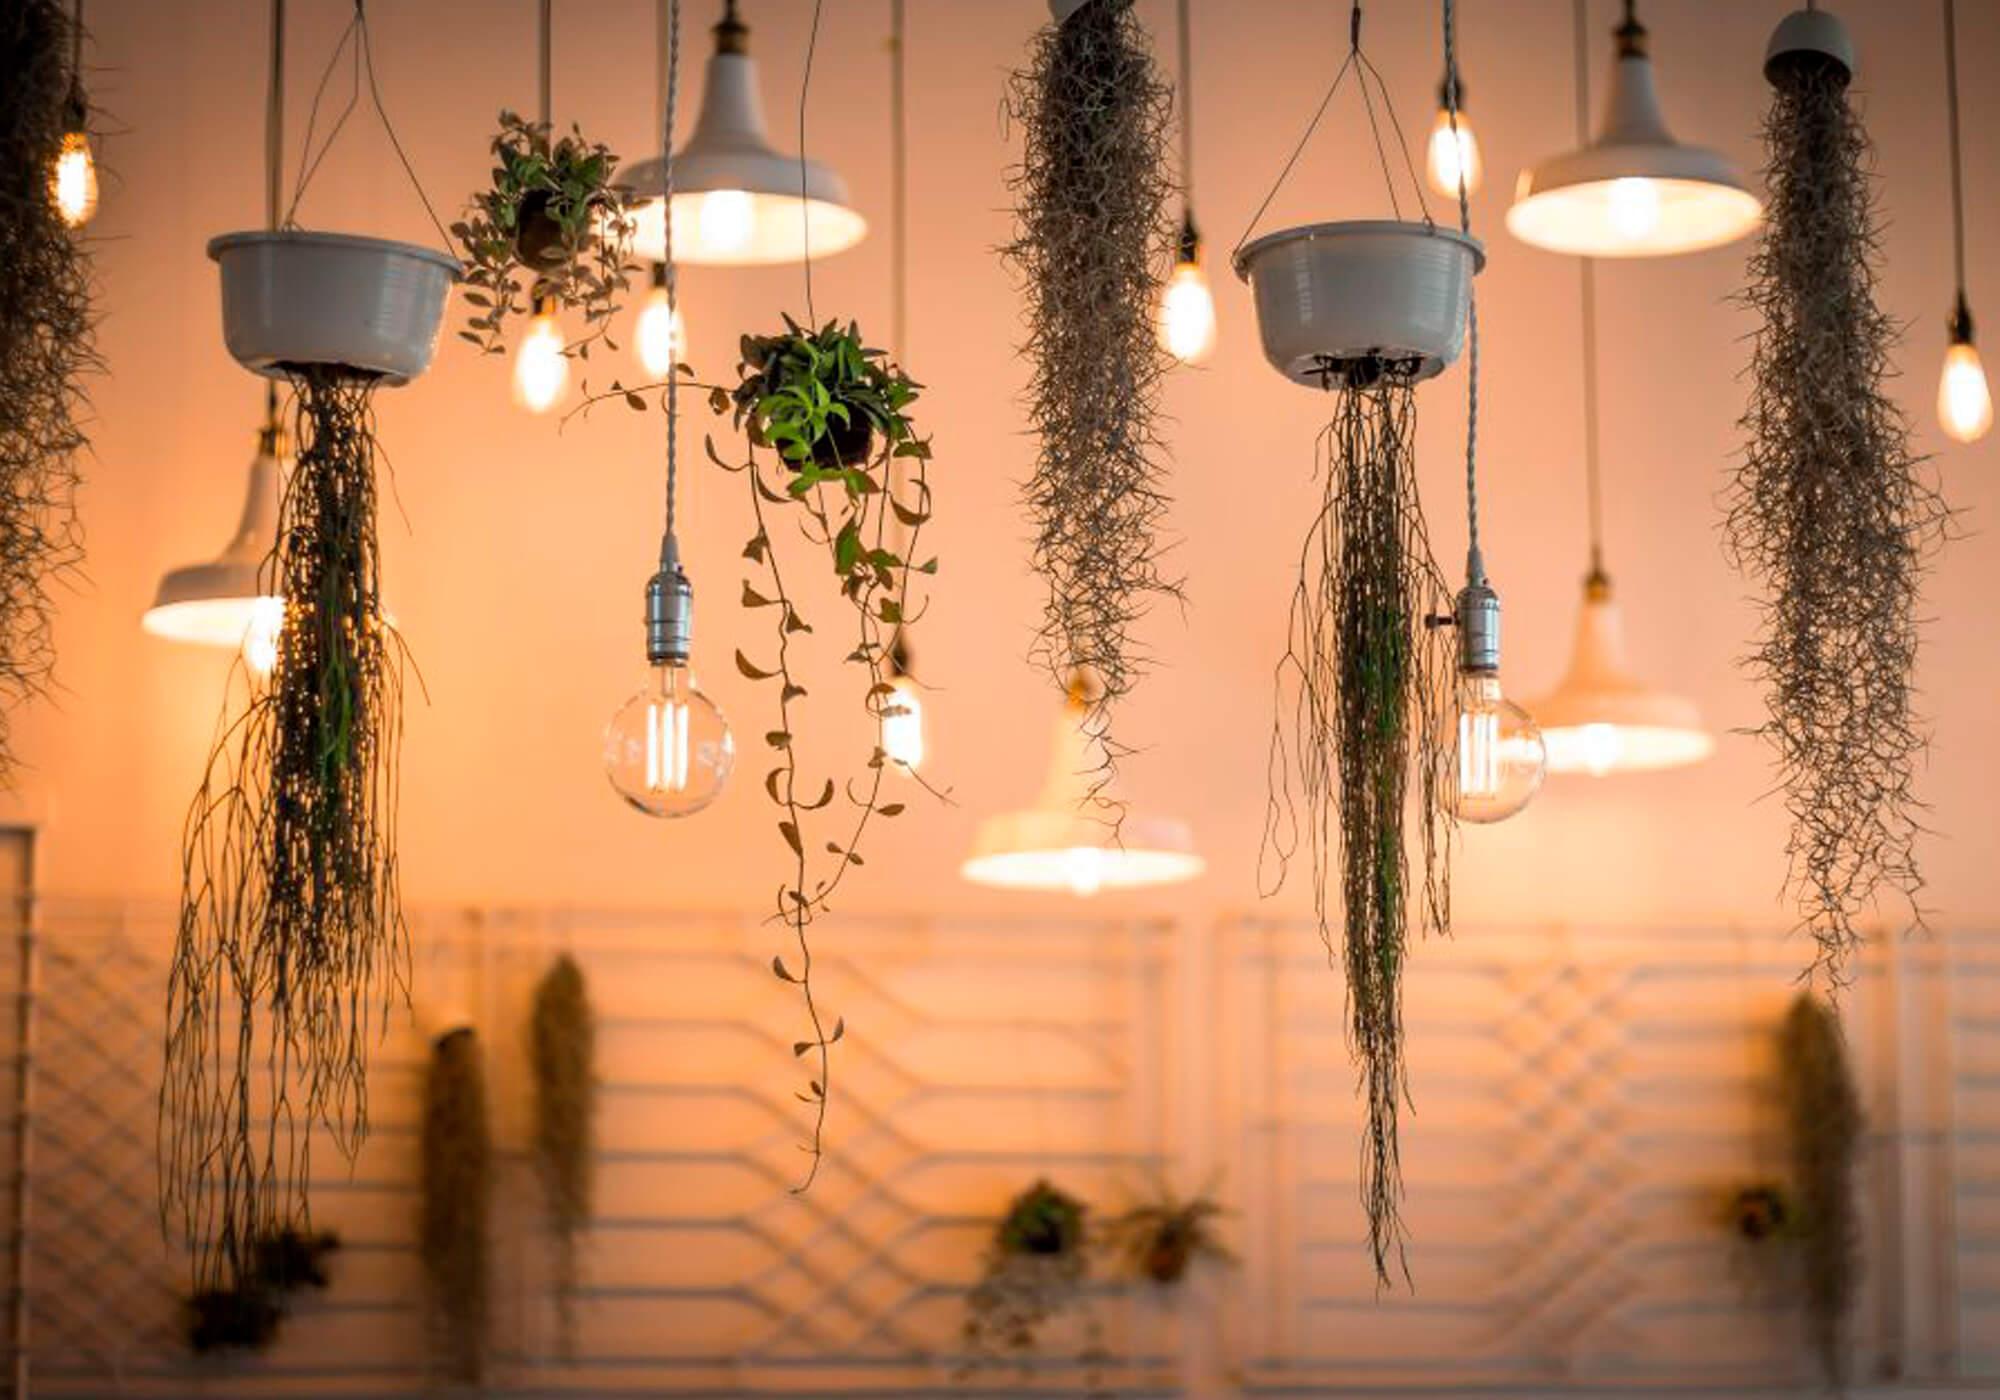 ambiente com diversas lâmpadas led acesas ao lado de plantas penduradas do teto